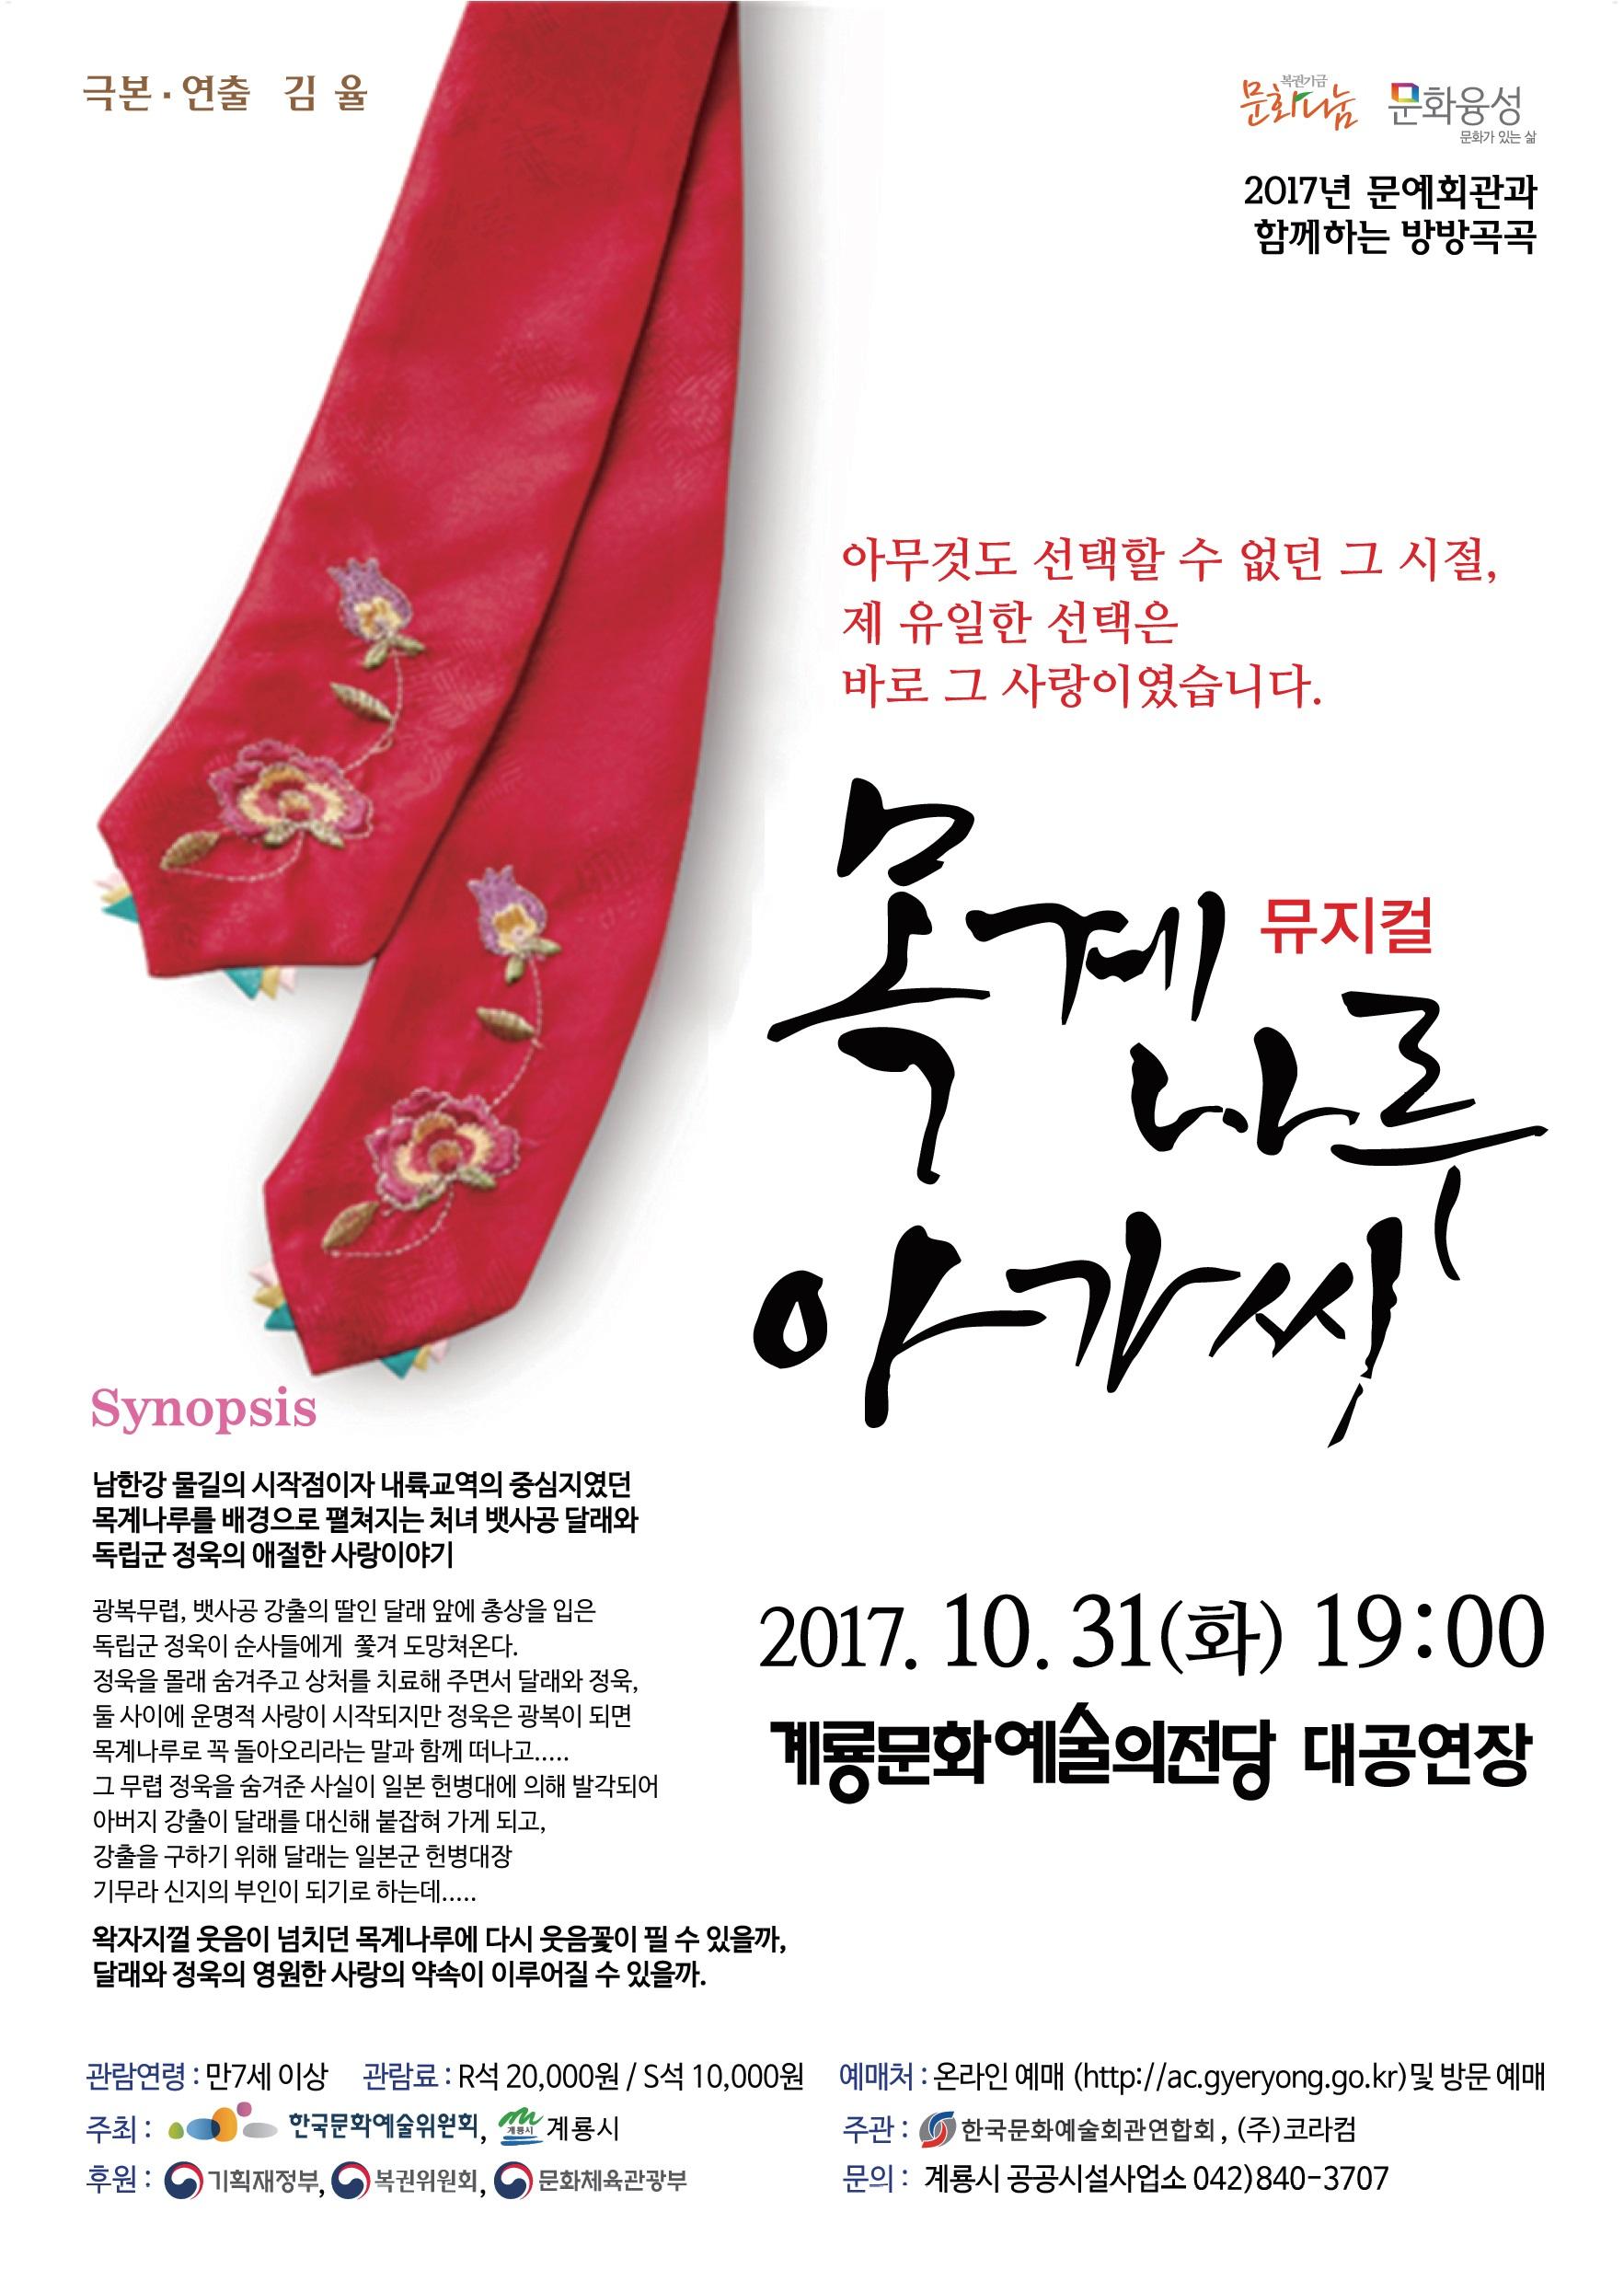 증평군, 뮤지컬'목계나루 아가씨'공연 [이미지]